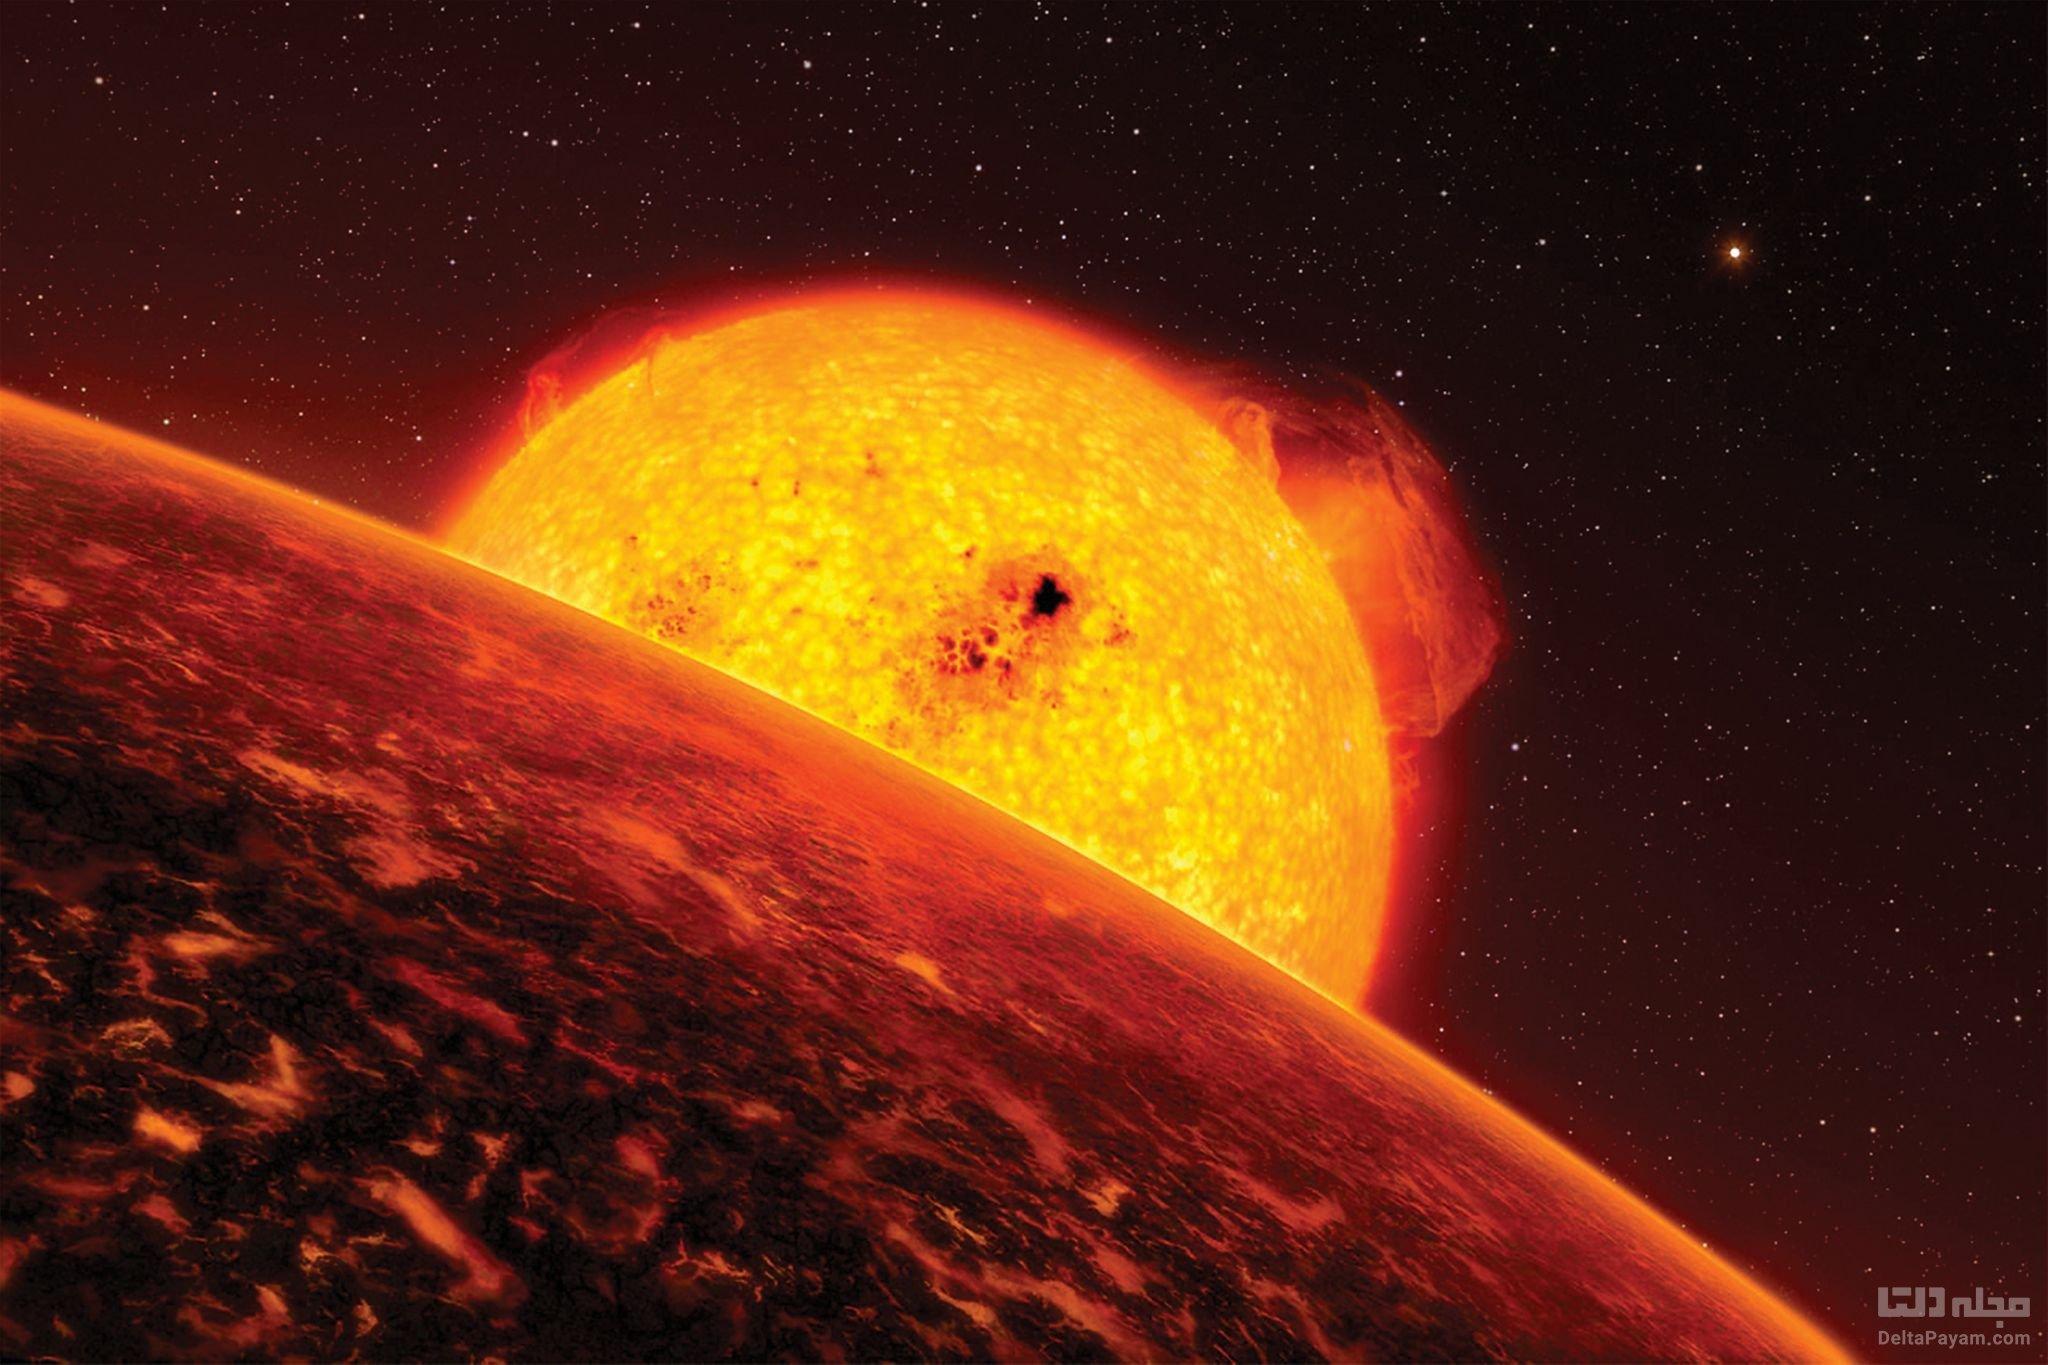 سیارات سکونت پذیر مشابه زمین